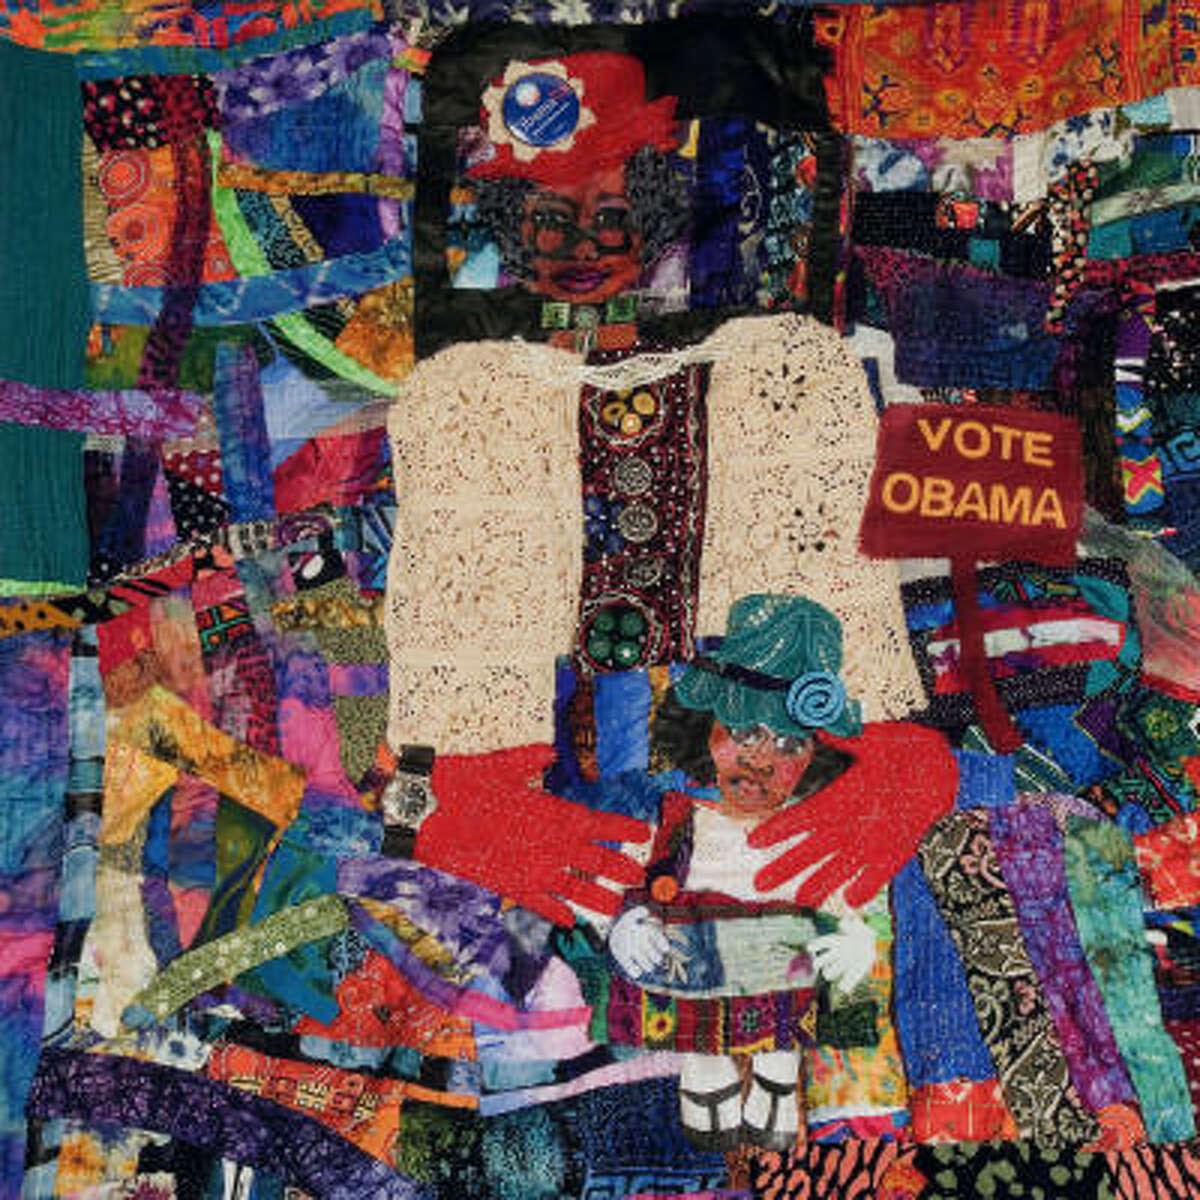 Change Has Come by Gwen Aqui of Washington, D.C.